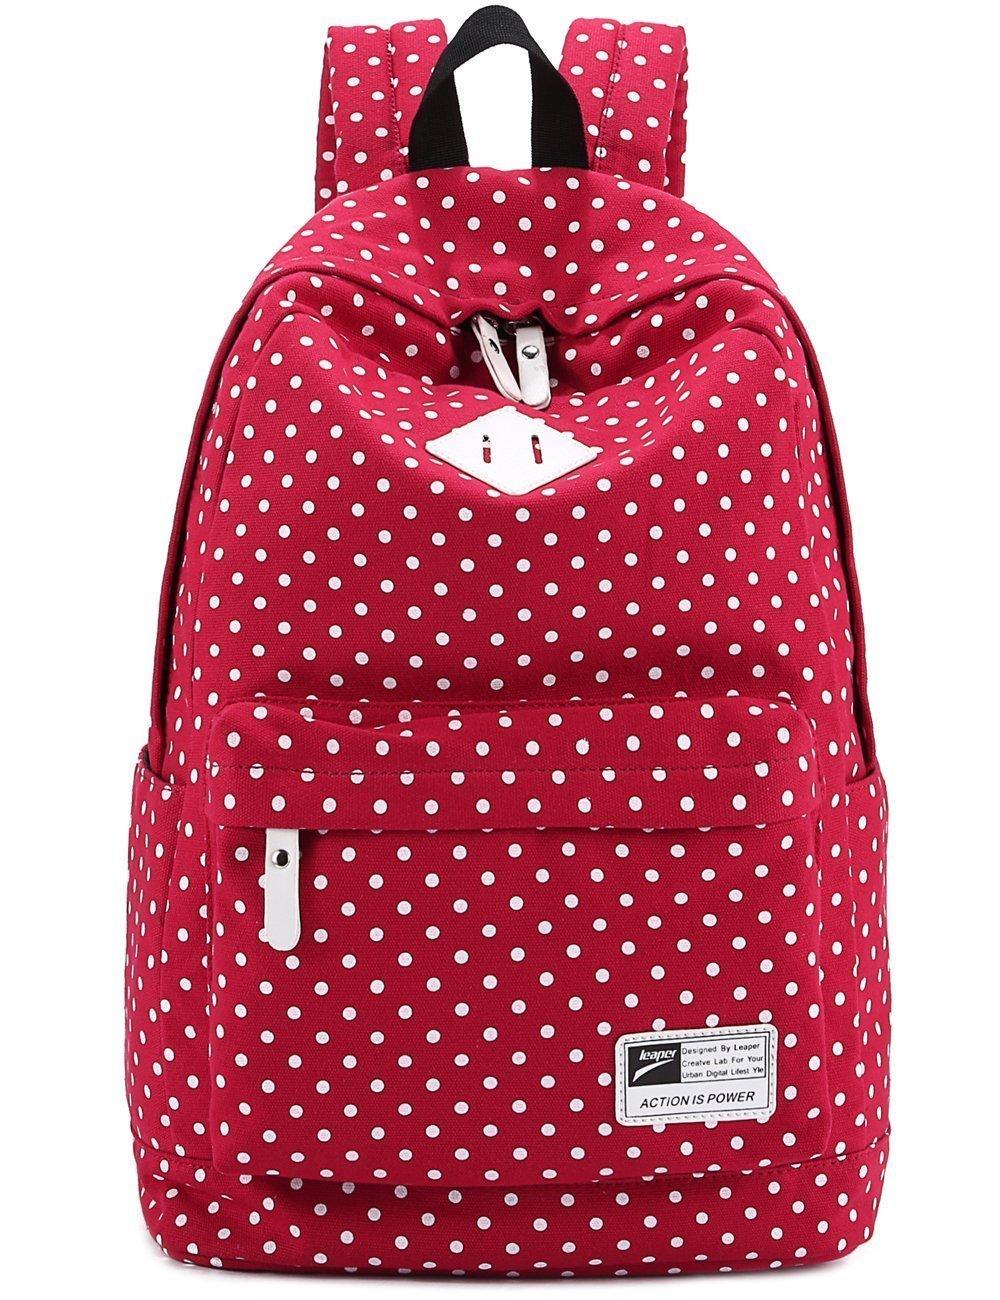 Mochila Bolsa de hombro Bolso de lona Mochila de lunares Trendy Moda Modismo para chichas viaje Bolsa para PC portátil revista A4 iPad etc (rojo): ...